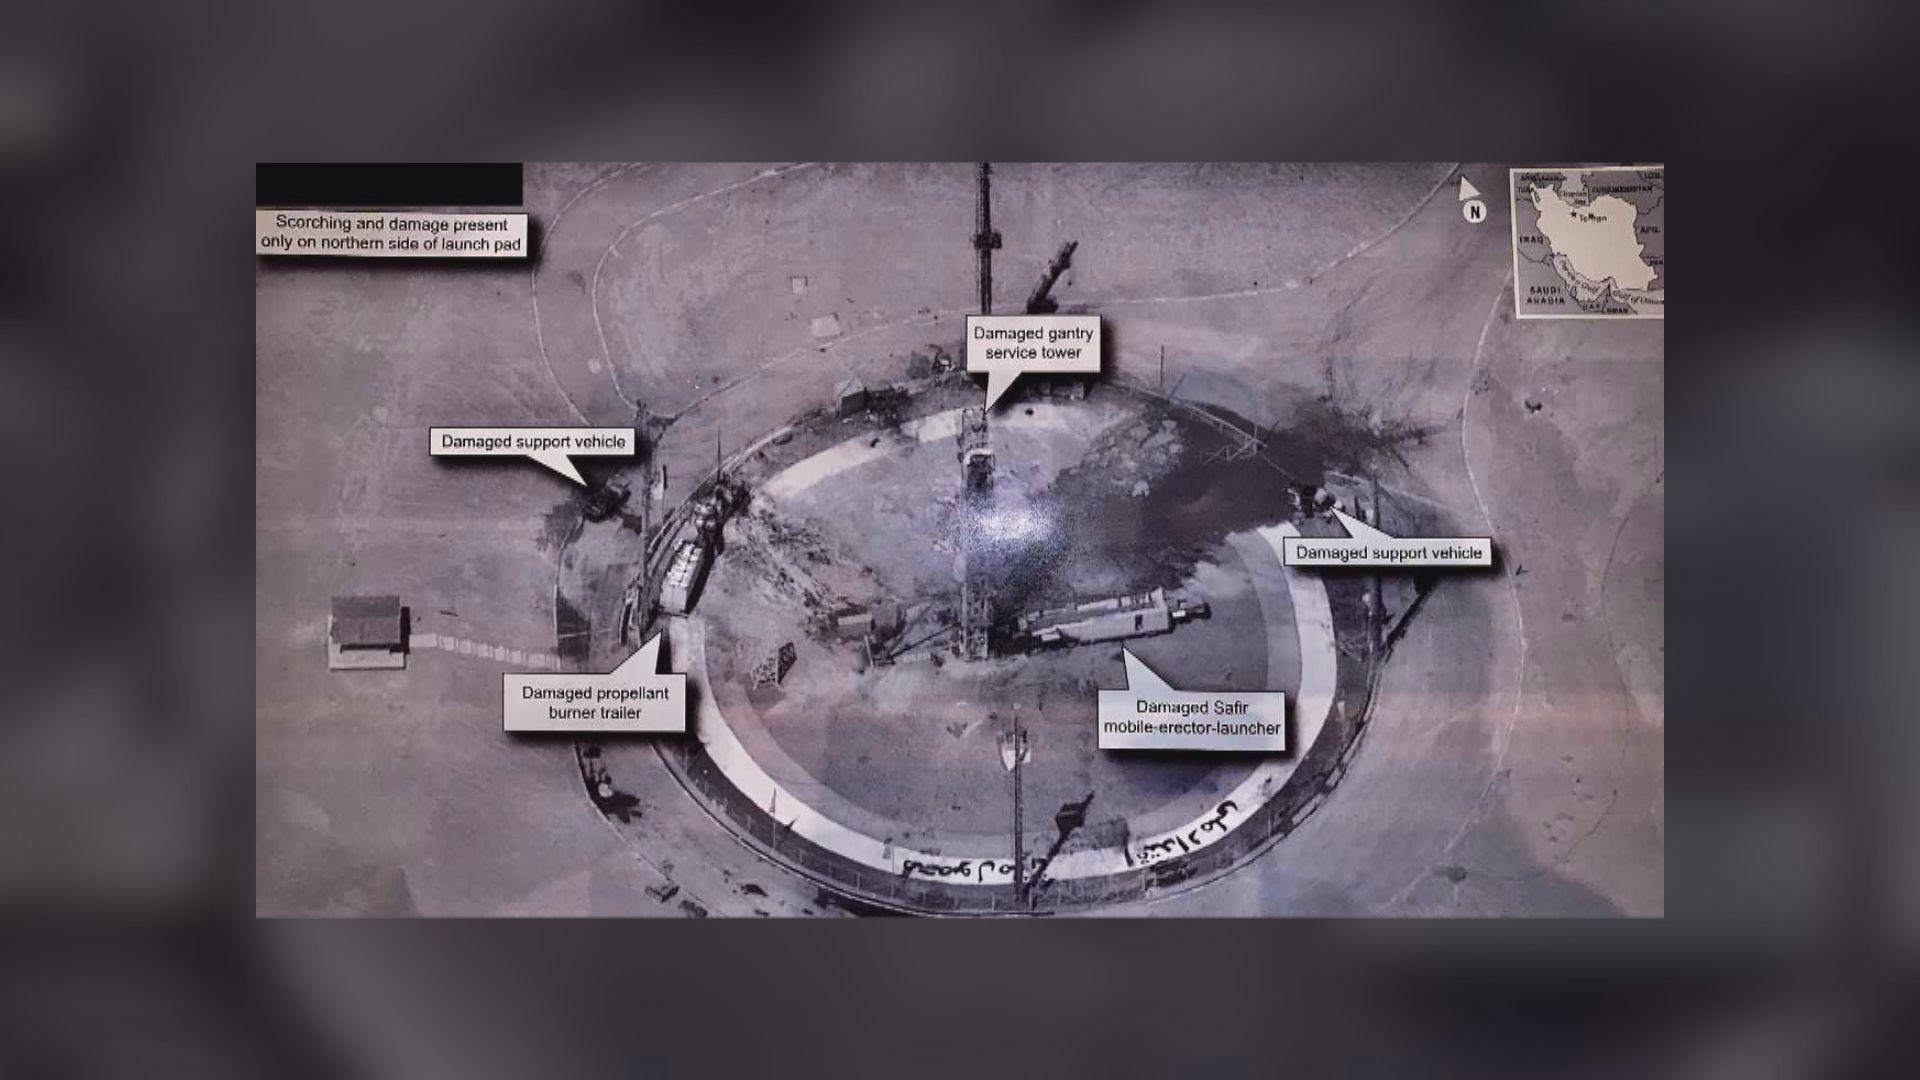 特朗普發布圖片顯示伊朗發射衛星失敗惹爭議